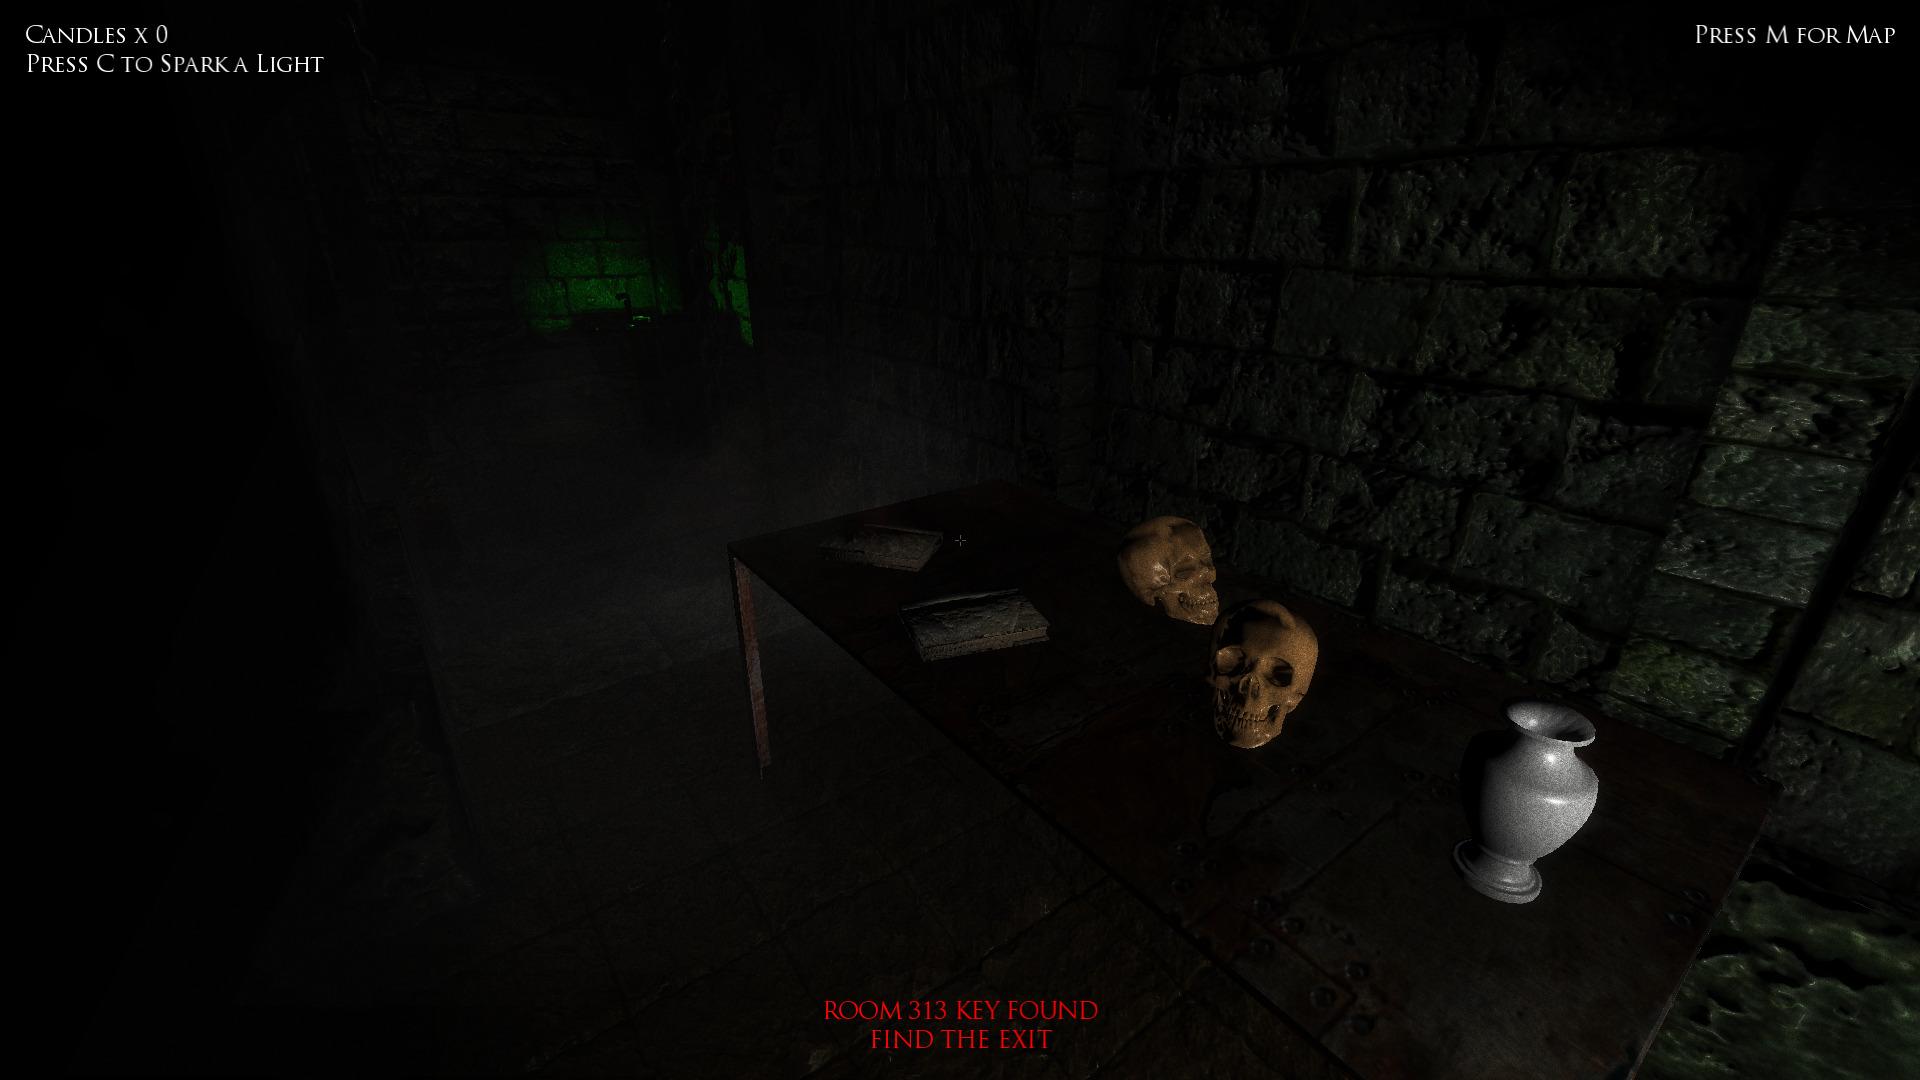 nightmares-9.jpg